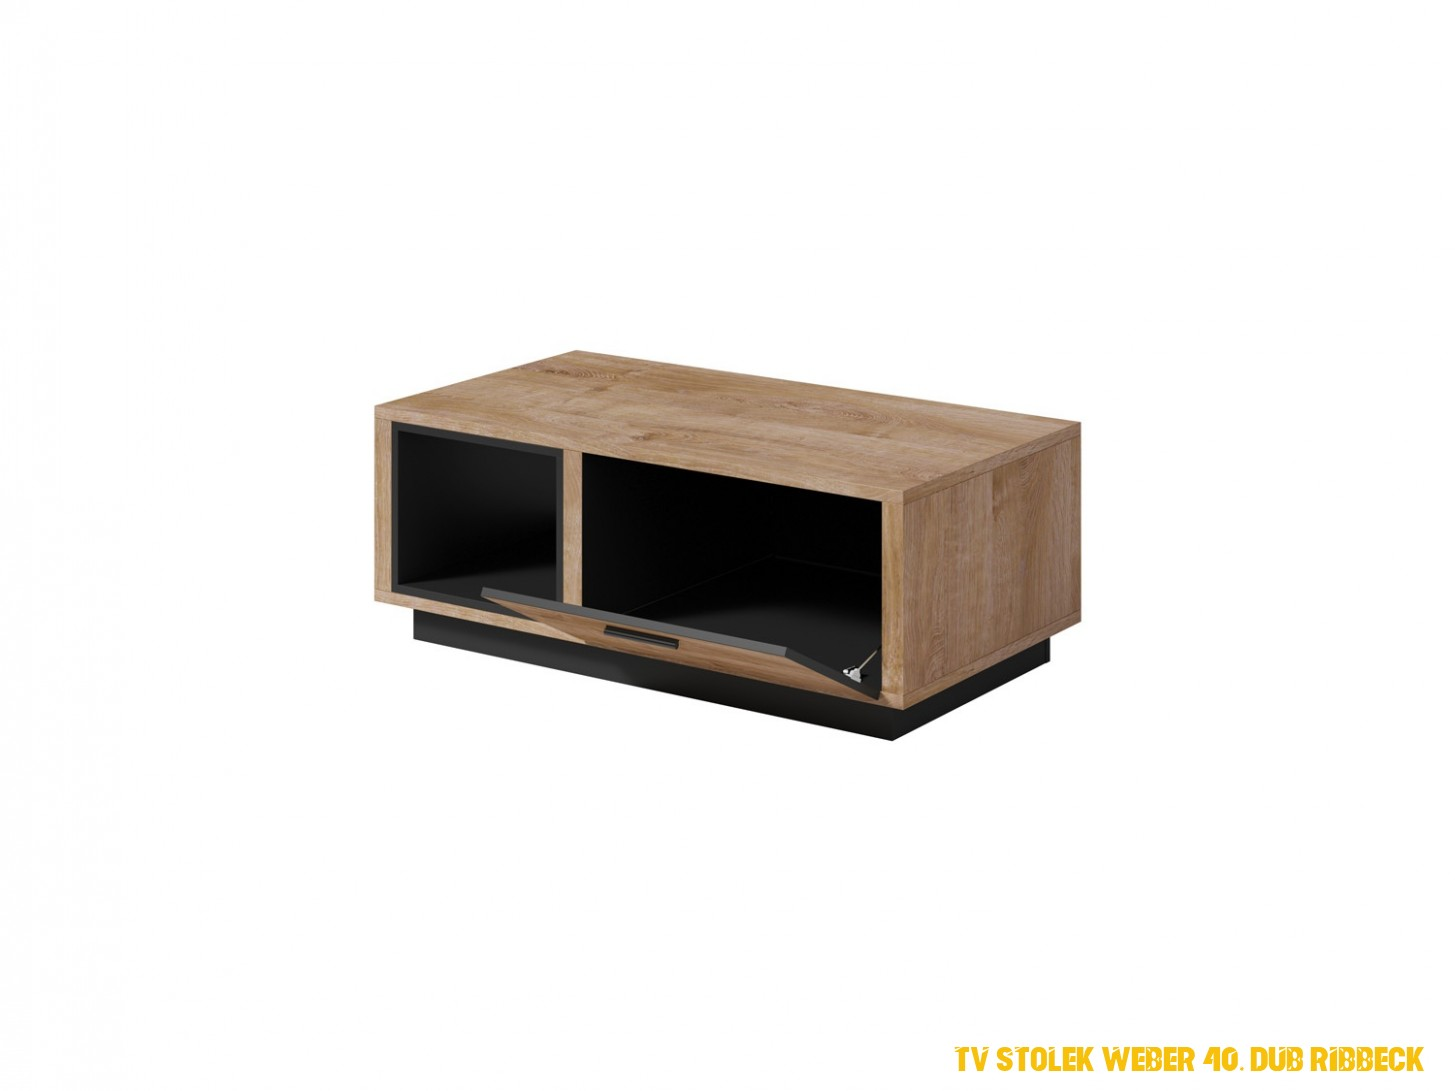 TV stolek Weber 40, dub Ribbeck